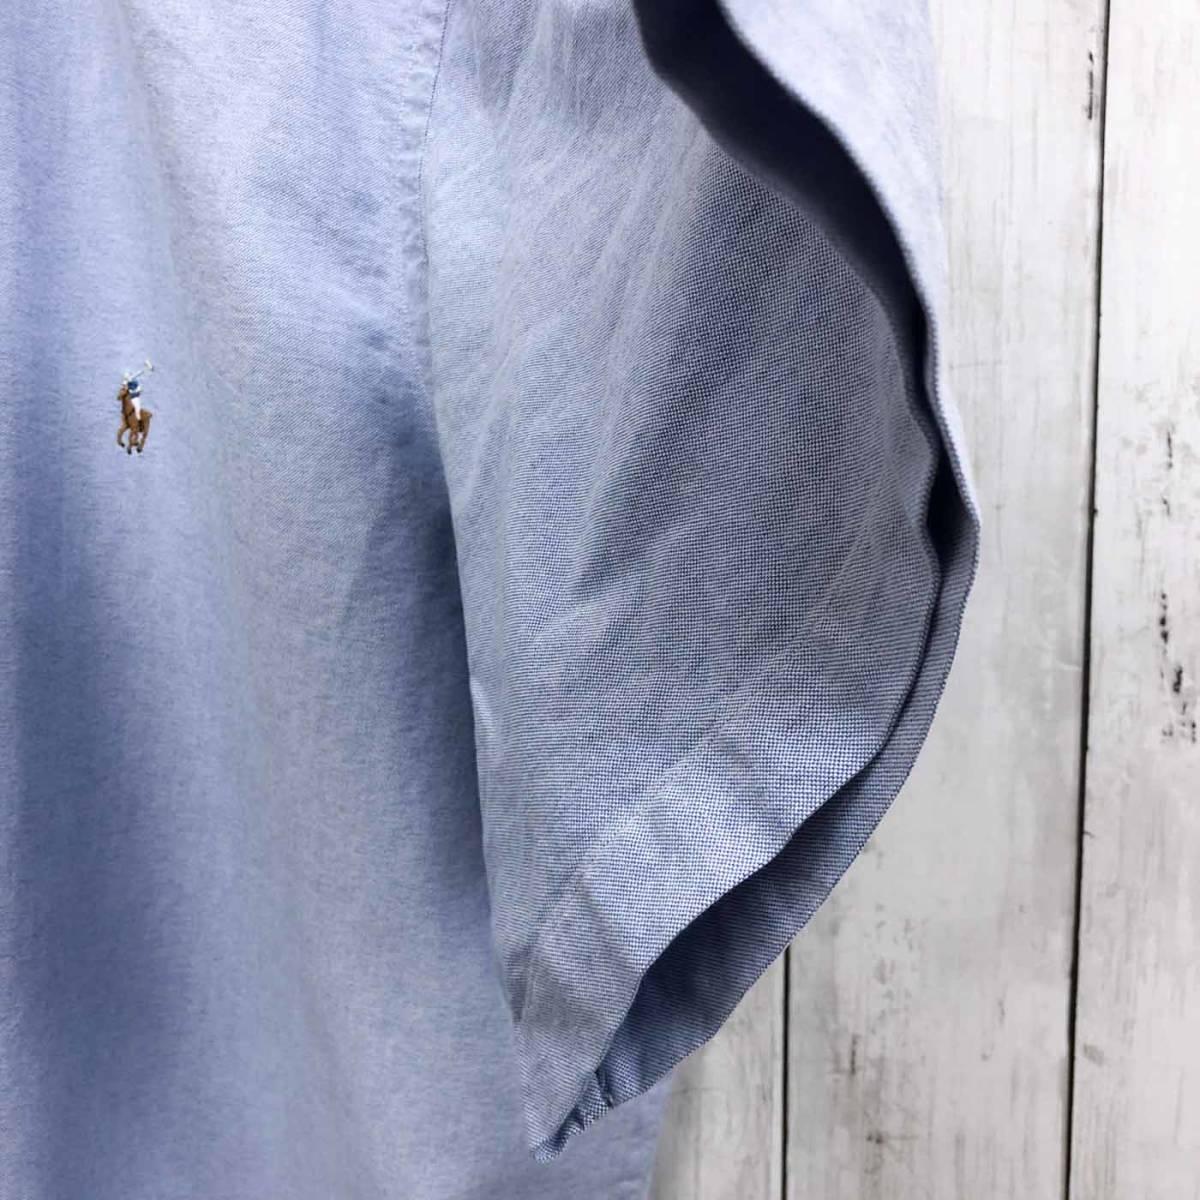 ラルフローレン POLO Ralph Lauren Polo 半袖シャツ メンズ ワンポイント 3XLサイズ 7-167_画像7